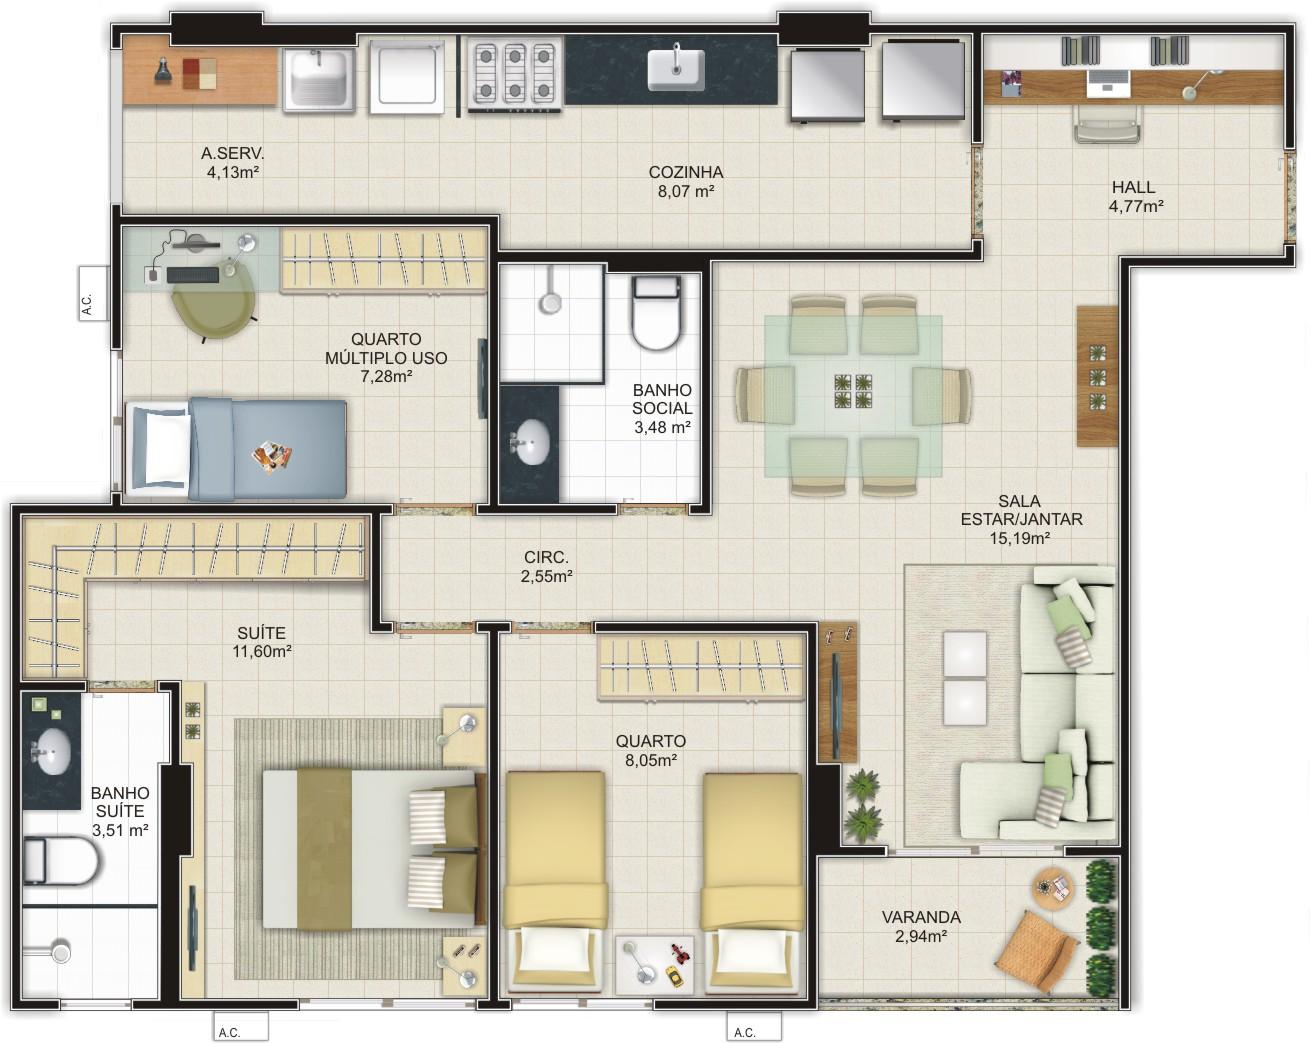 #886B43 Logo abaixo temos mais alguns modelos de plantas de casas baixas para  1310x1043 px Projetos De Cozinhas Planta Baixa #729 imagens